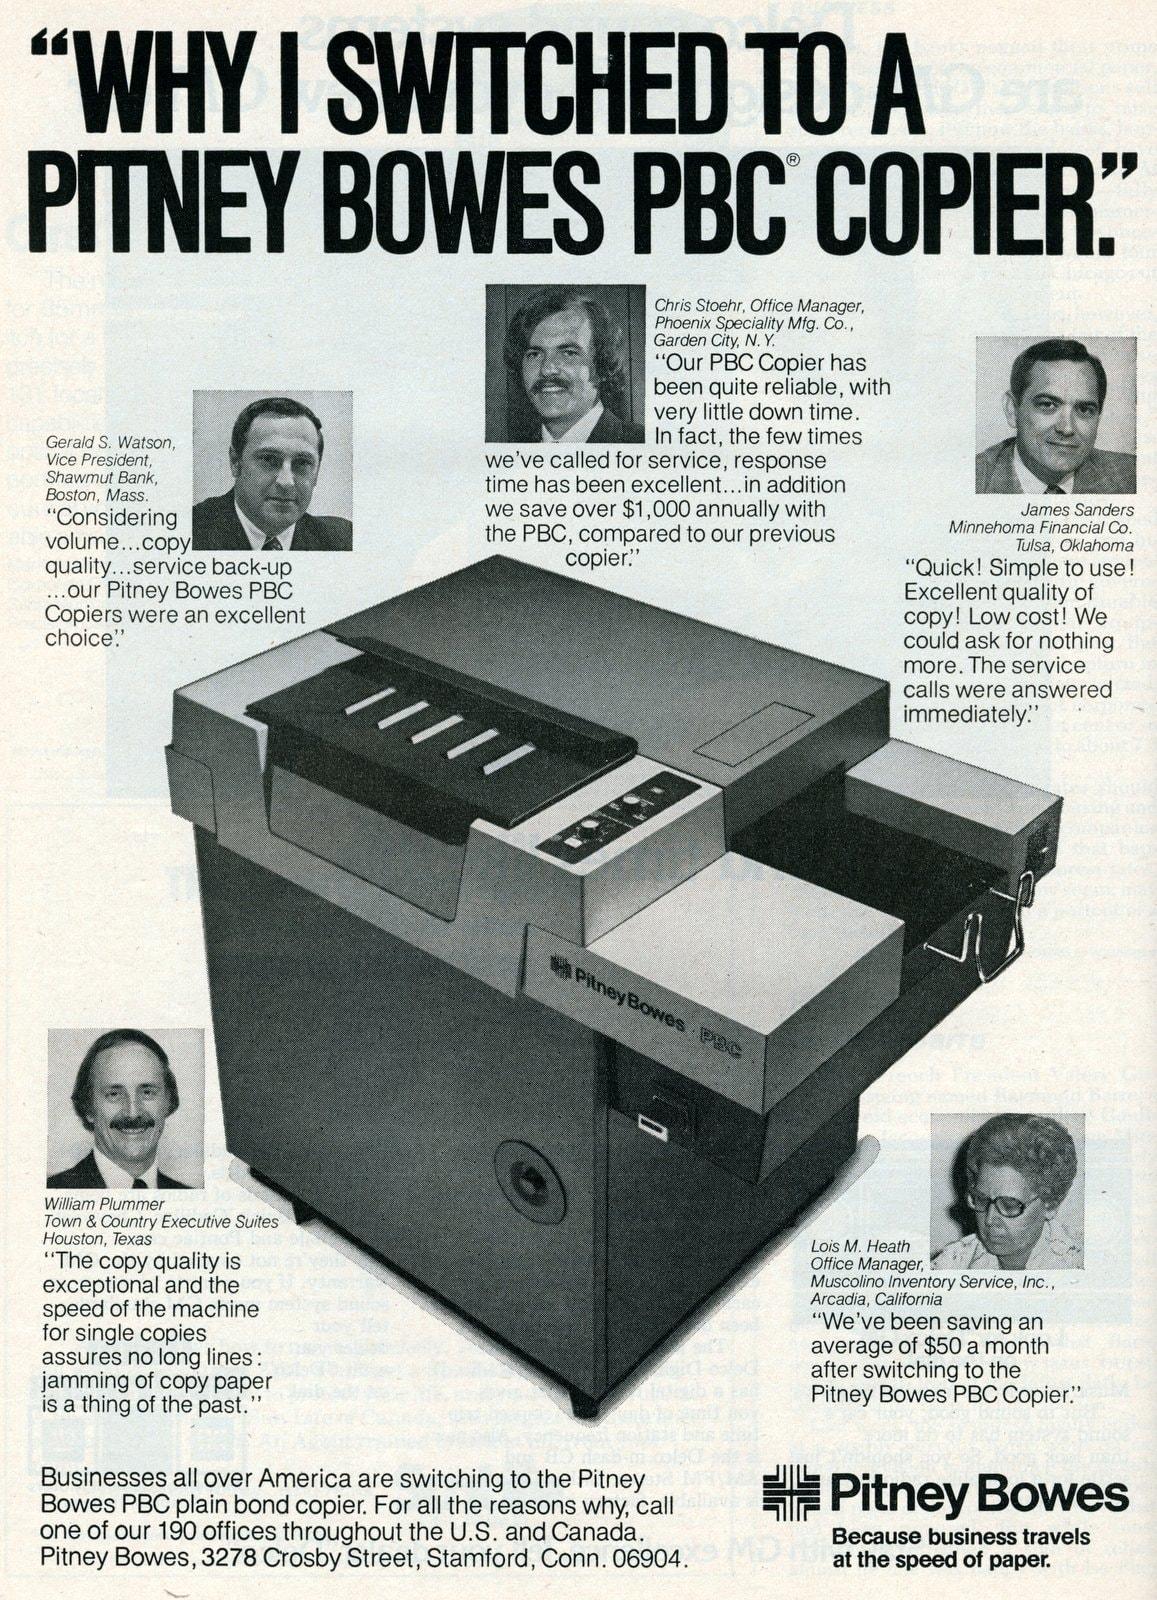 Vintage Pitney Bowes PBC copier (1976)